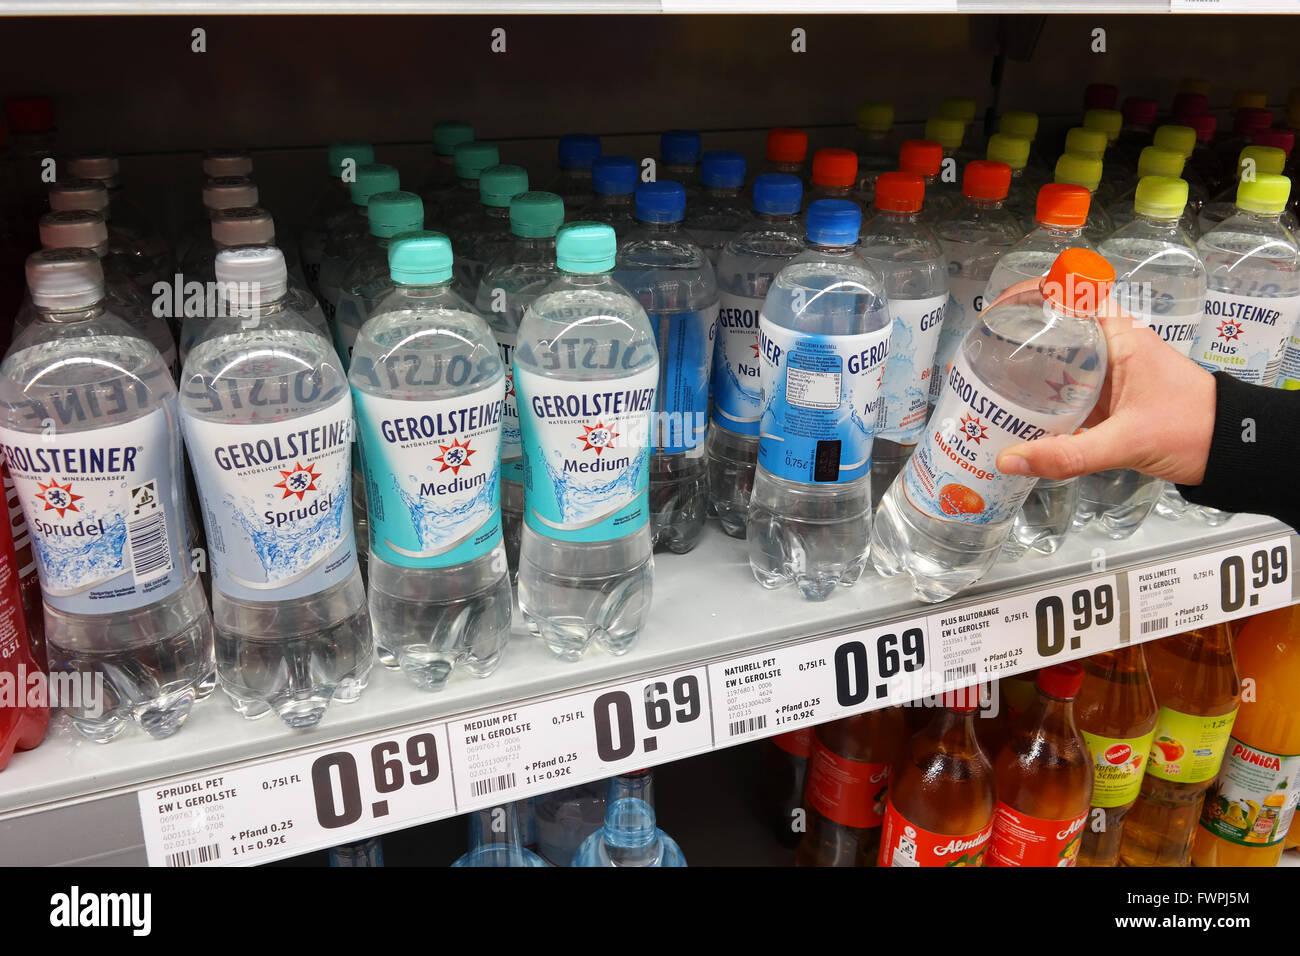 Selección de aguas minerales Gerolsteiner en un supermercado REWE Imagen De Stock